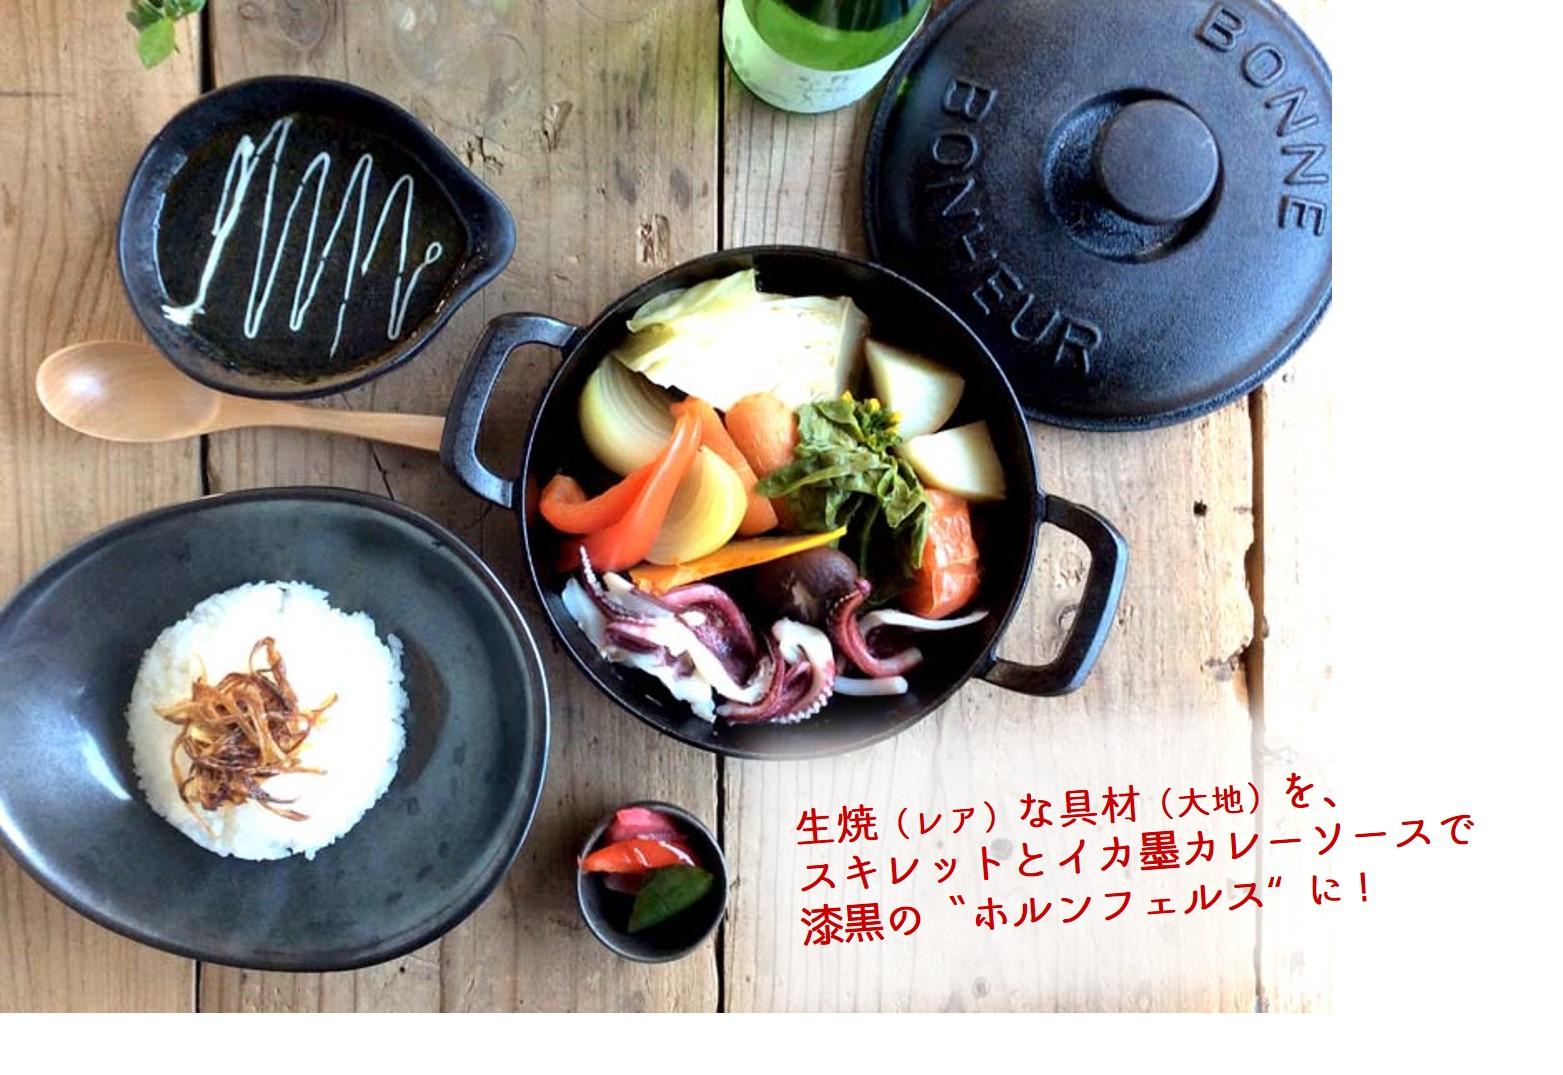 画像:萩ジオパークの見どころ 「須佐ホルンフェルス」をイメージしたメニューができました!